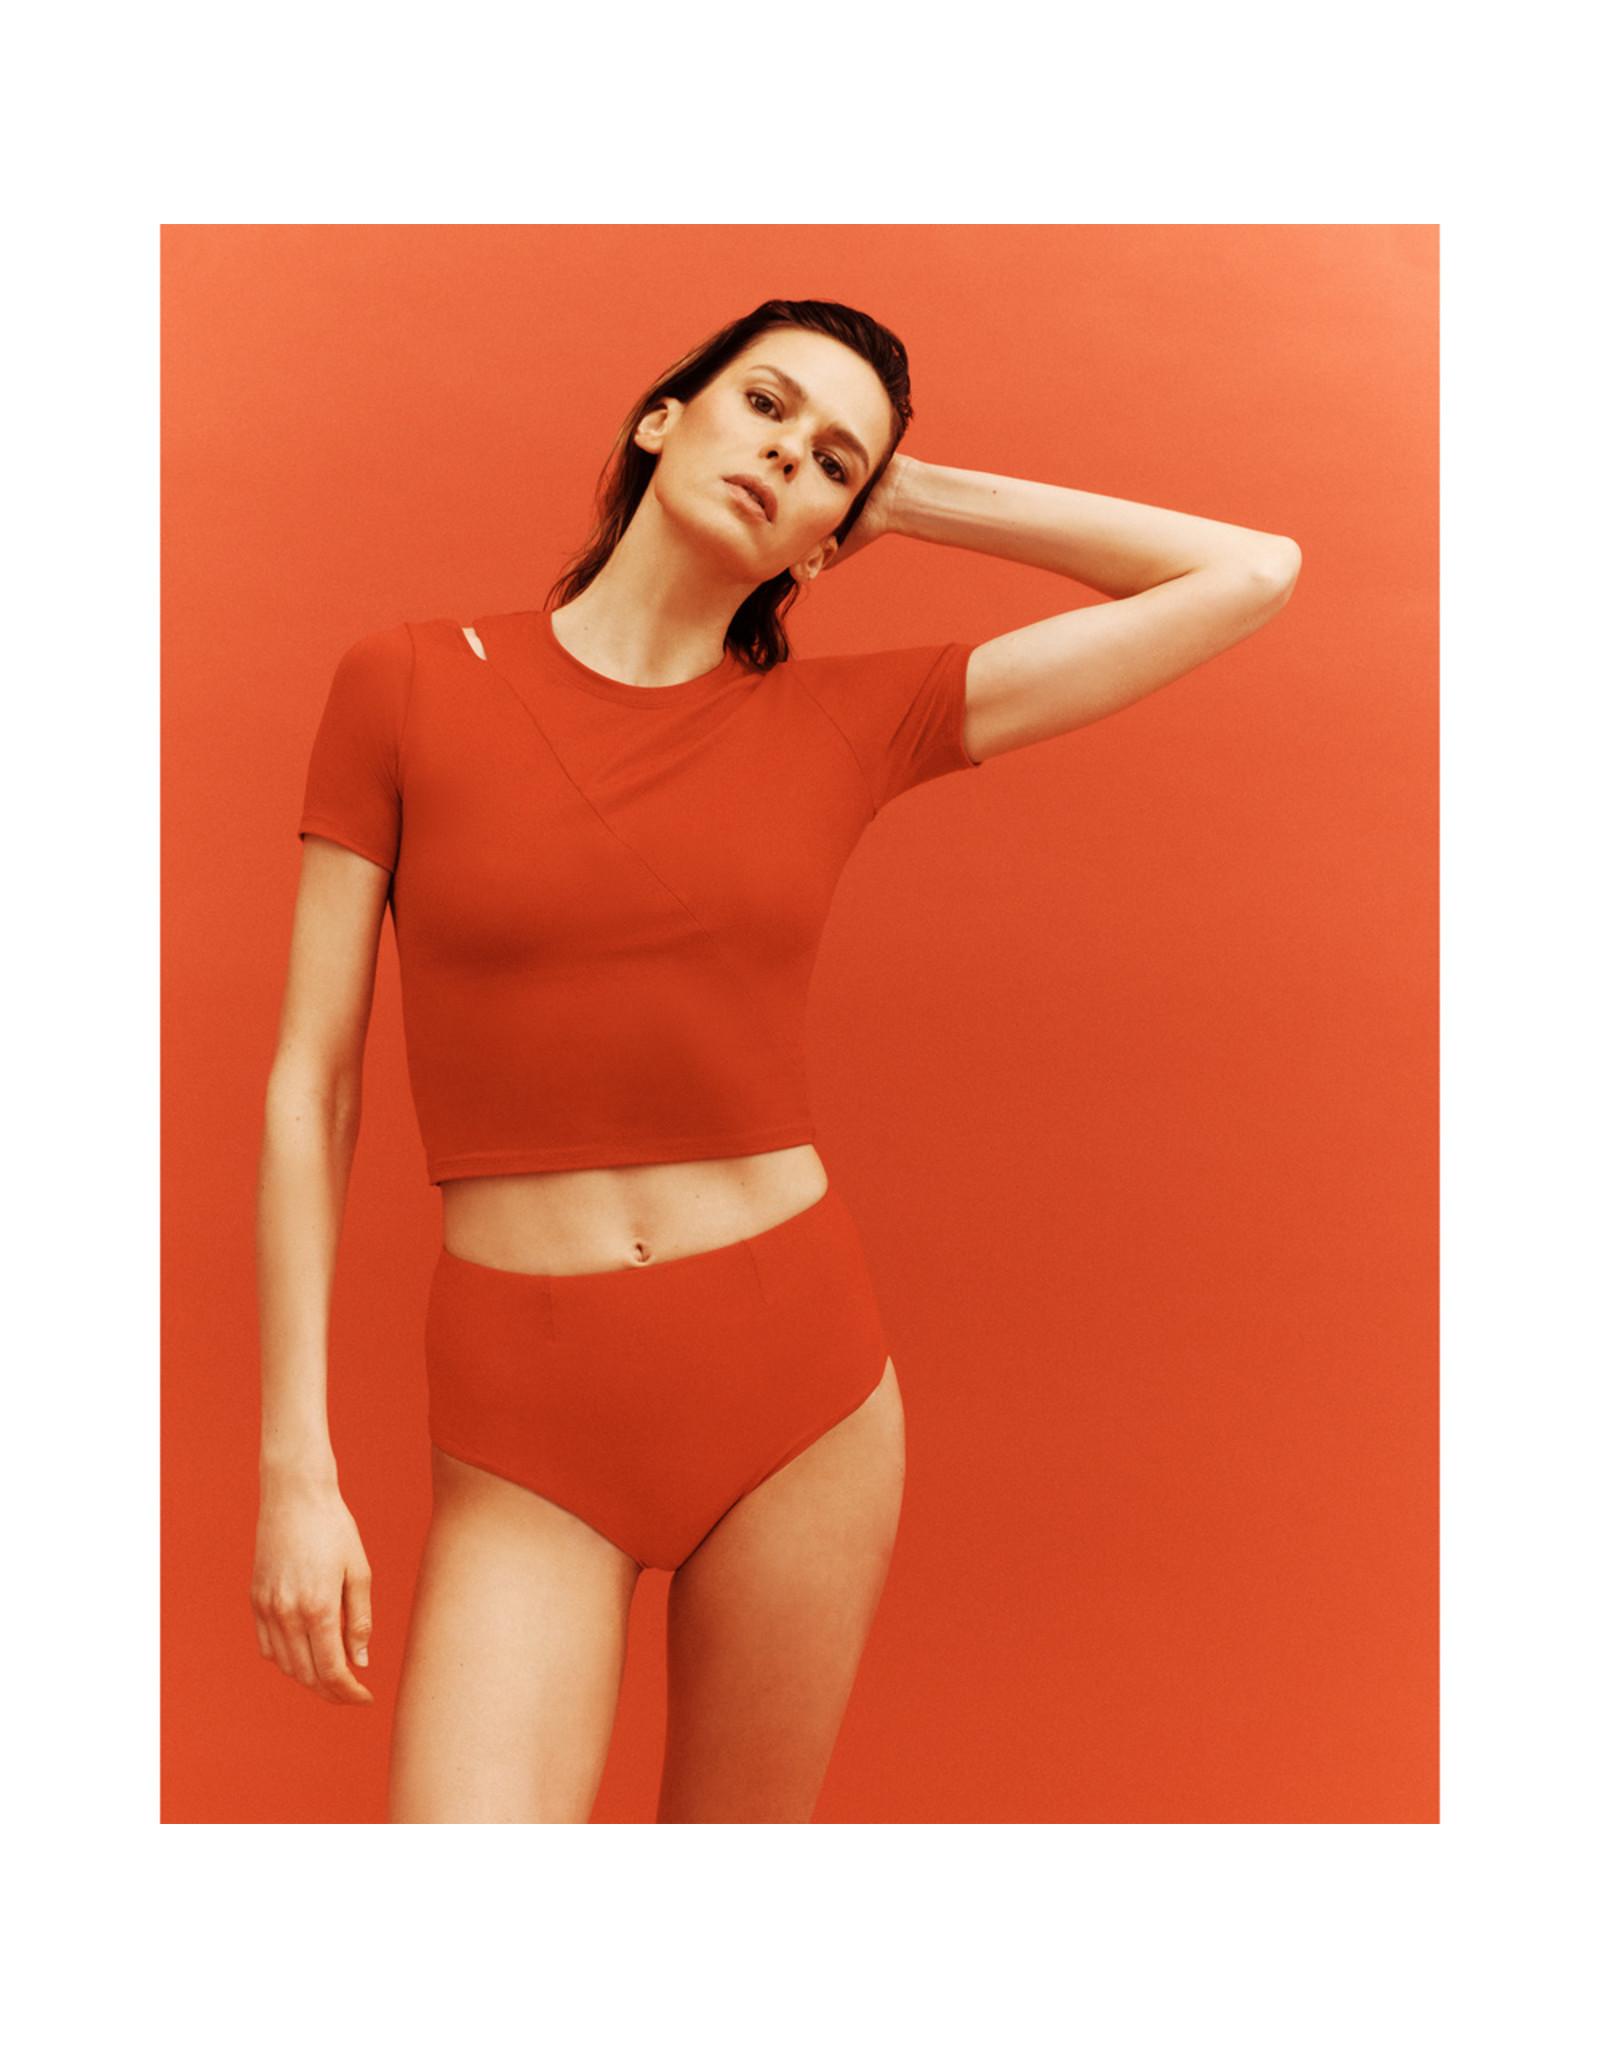 G. Sport x Proenza Schouler G. Sport x Proenza Schouler Short-Sleeve Cutout Top (Color: Red, Size: XL)